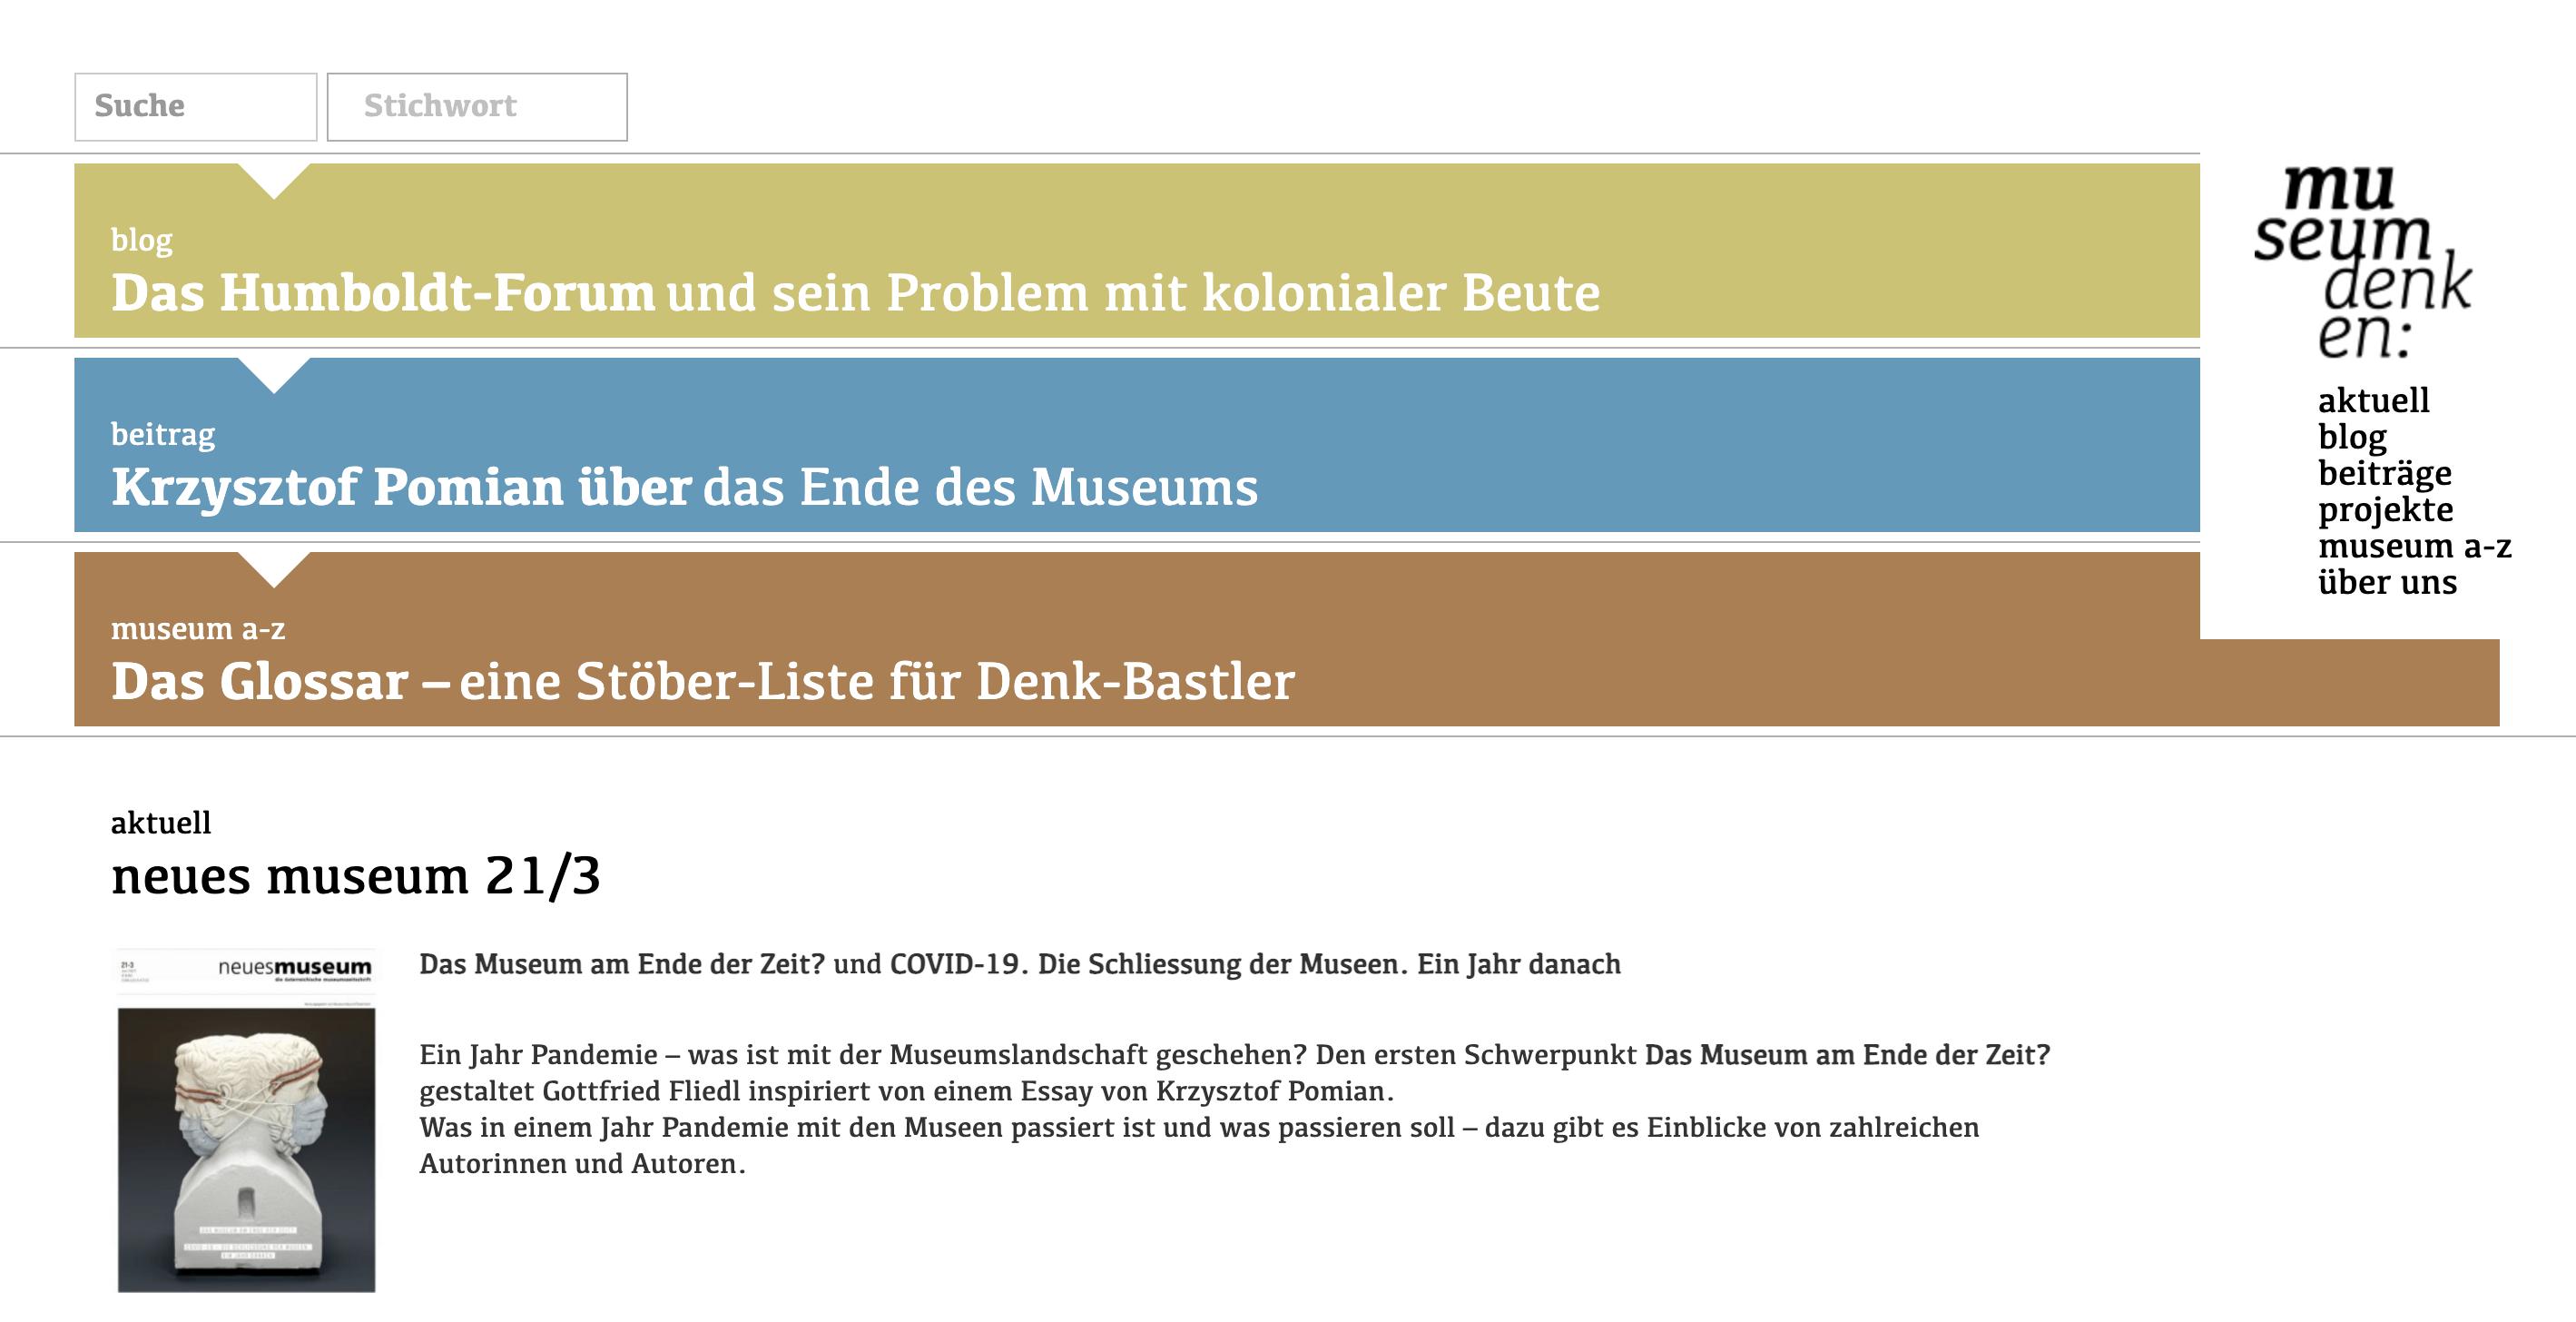 museumdenken ist eine Initiative für eine breite und diverse Debatte zur Zukunft der Museen.